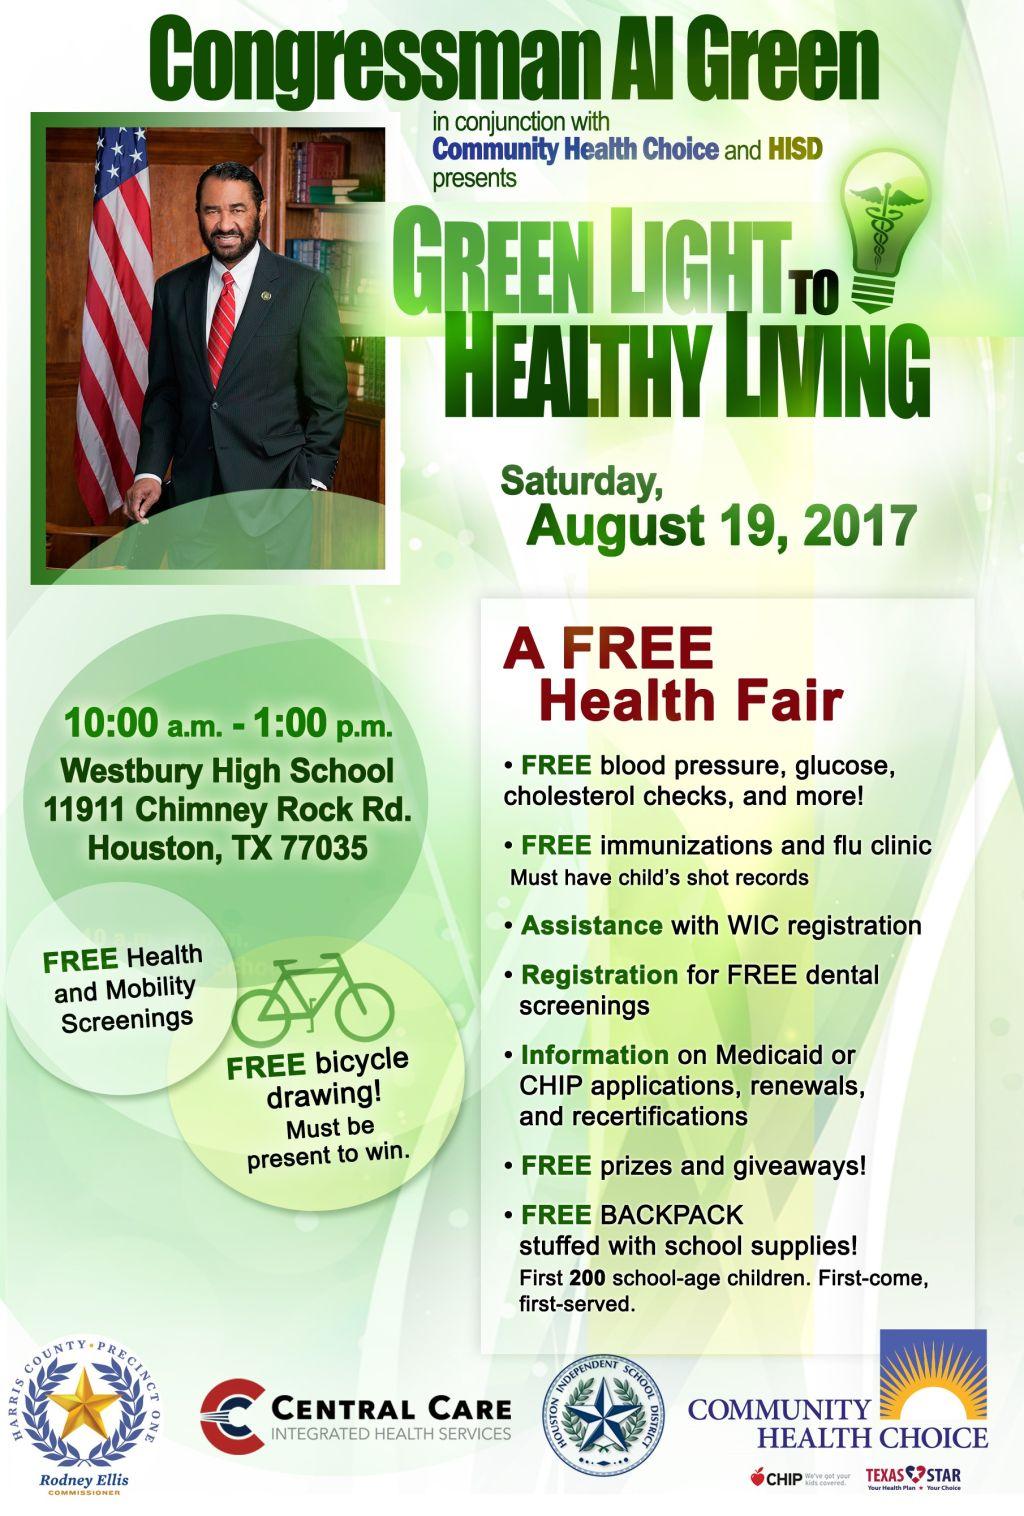 2017 Congressman Al Green Free Health Fair